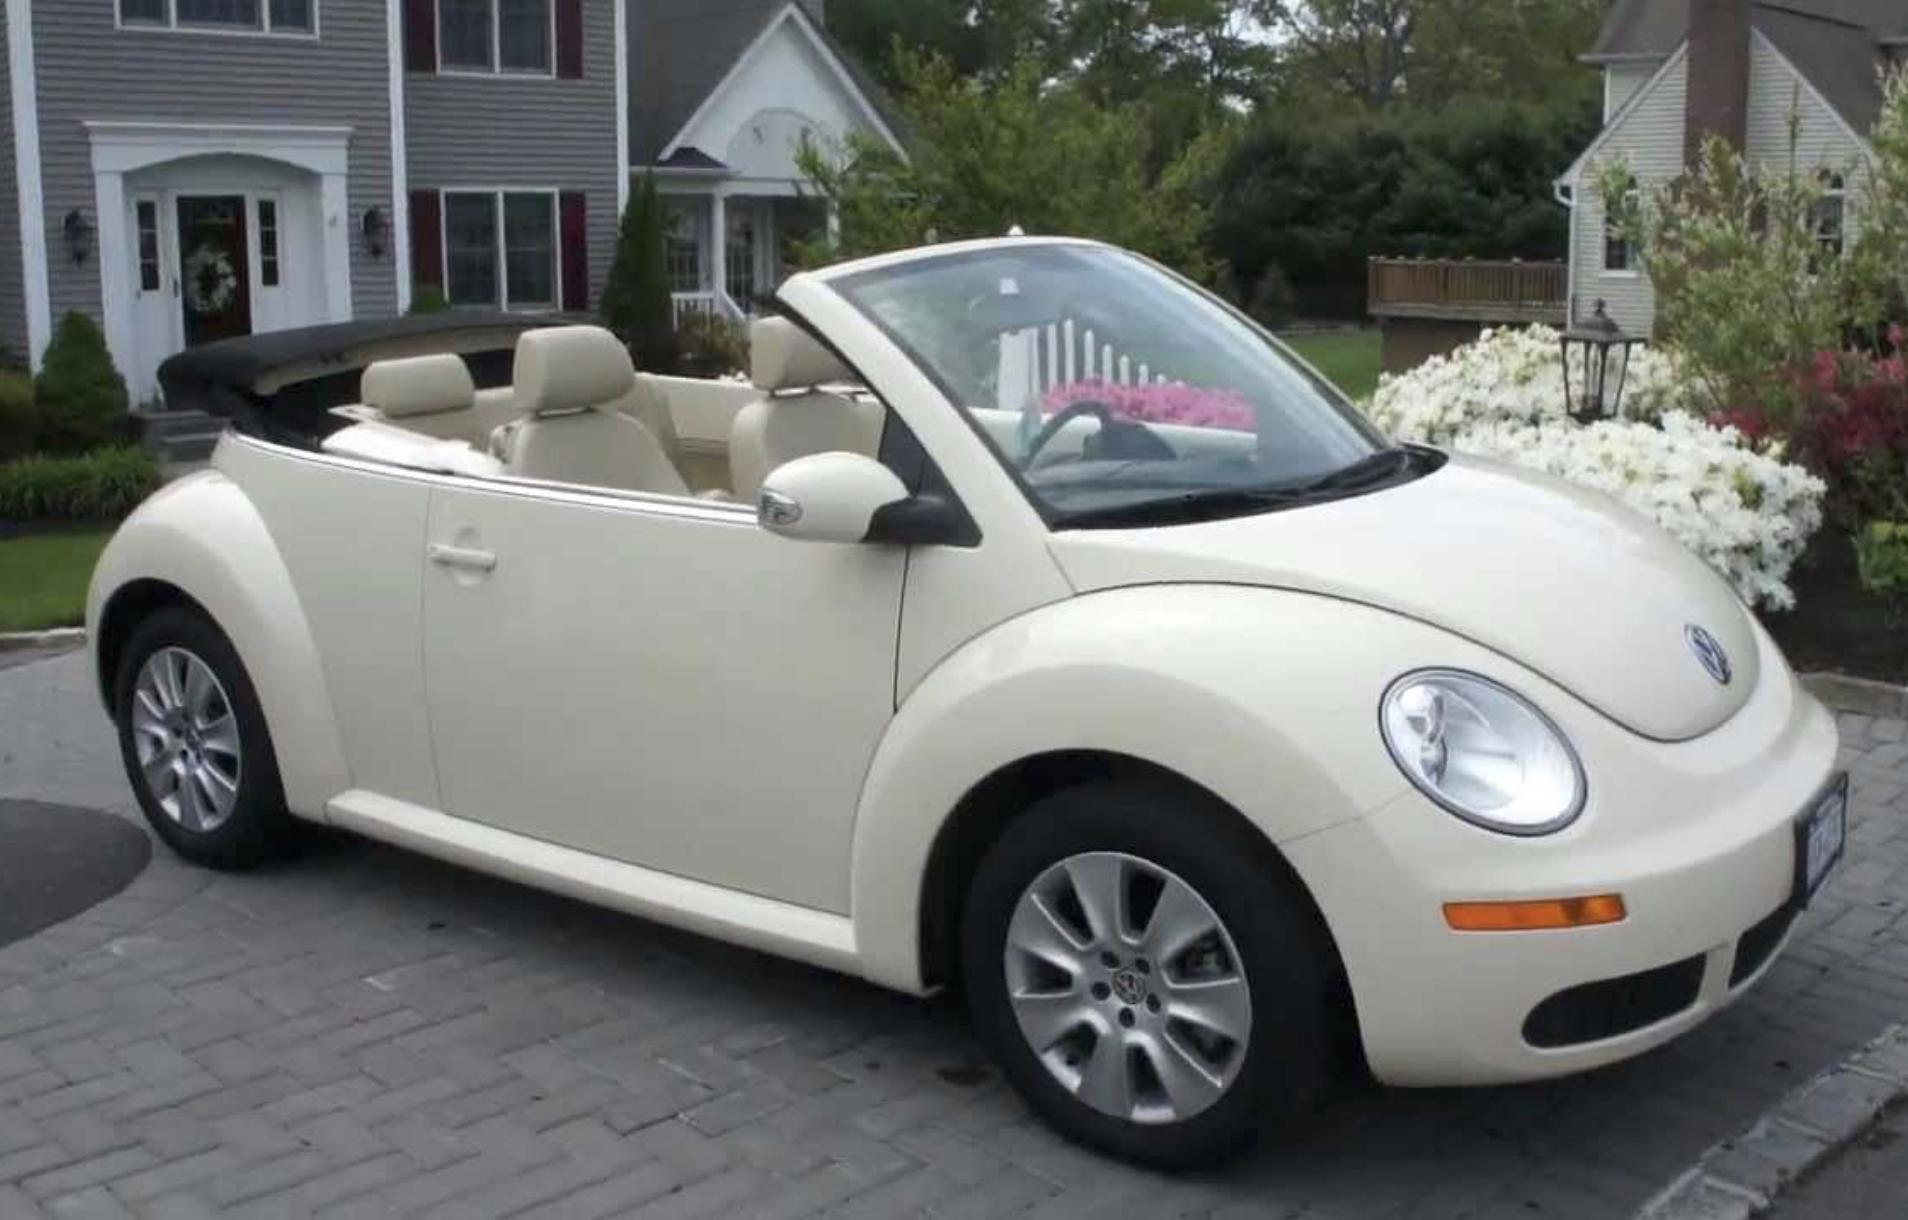 VW Beetle Expert Sydney